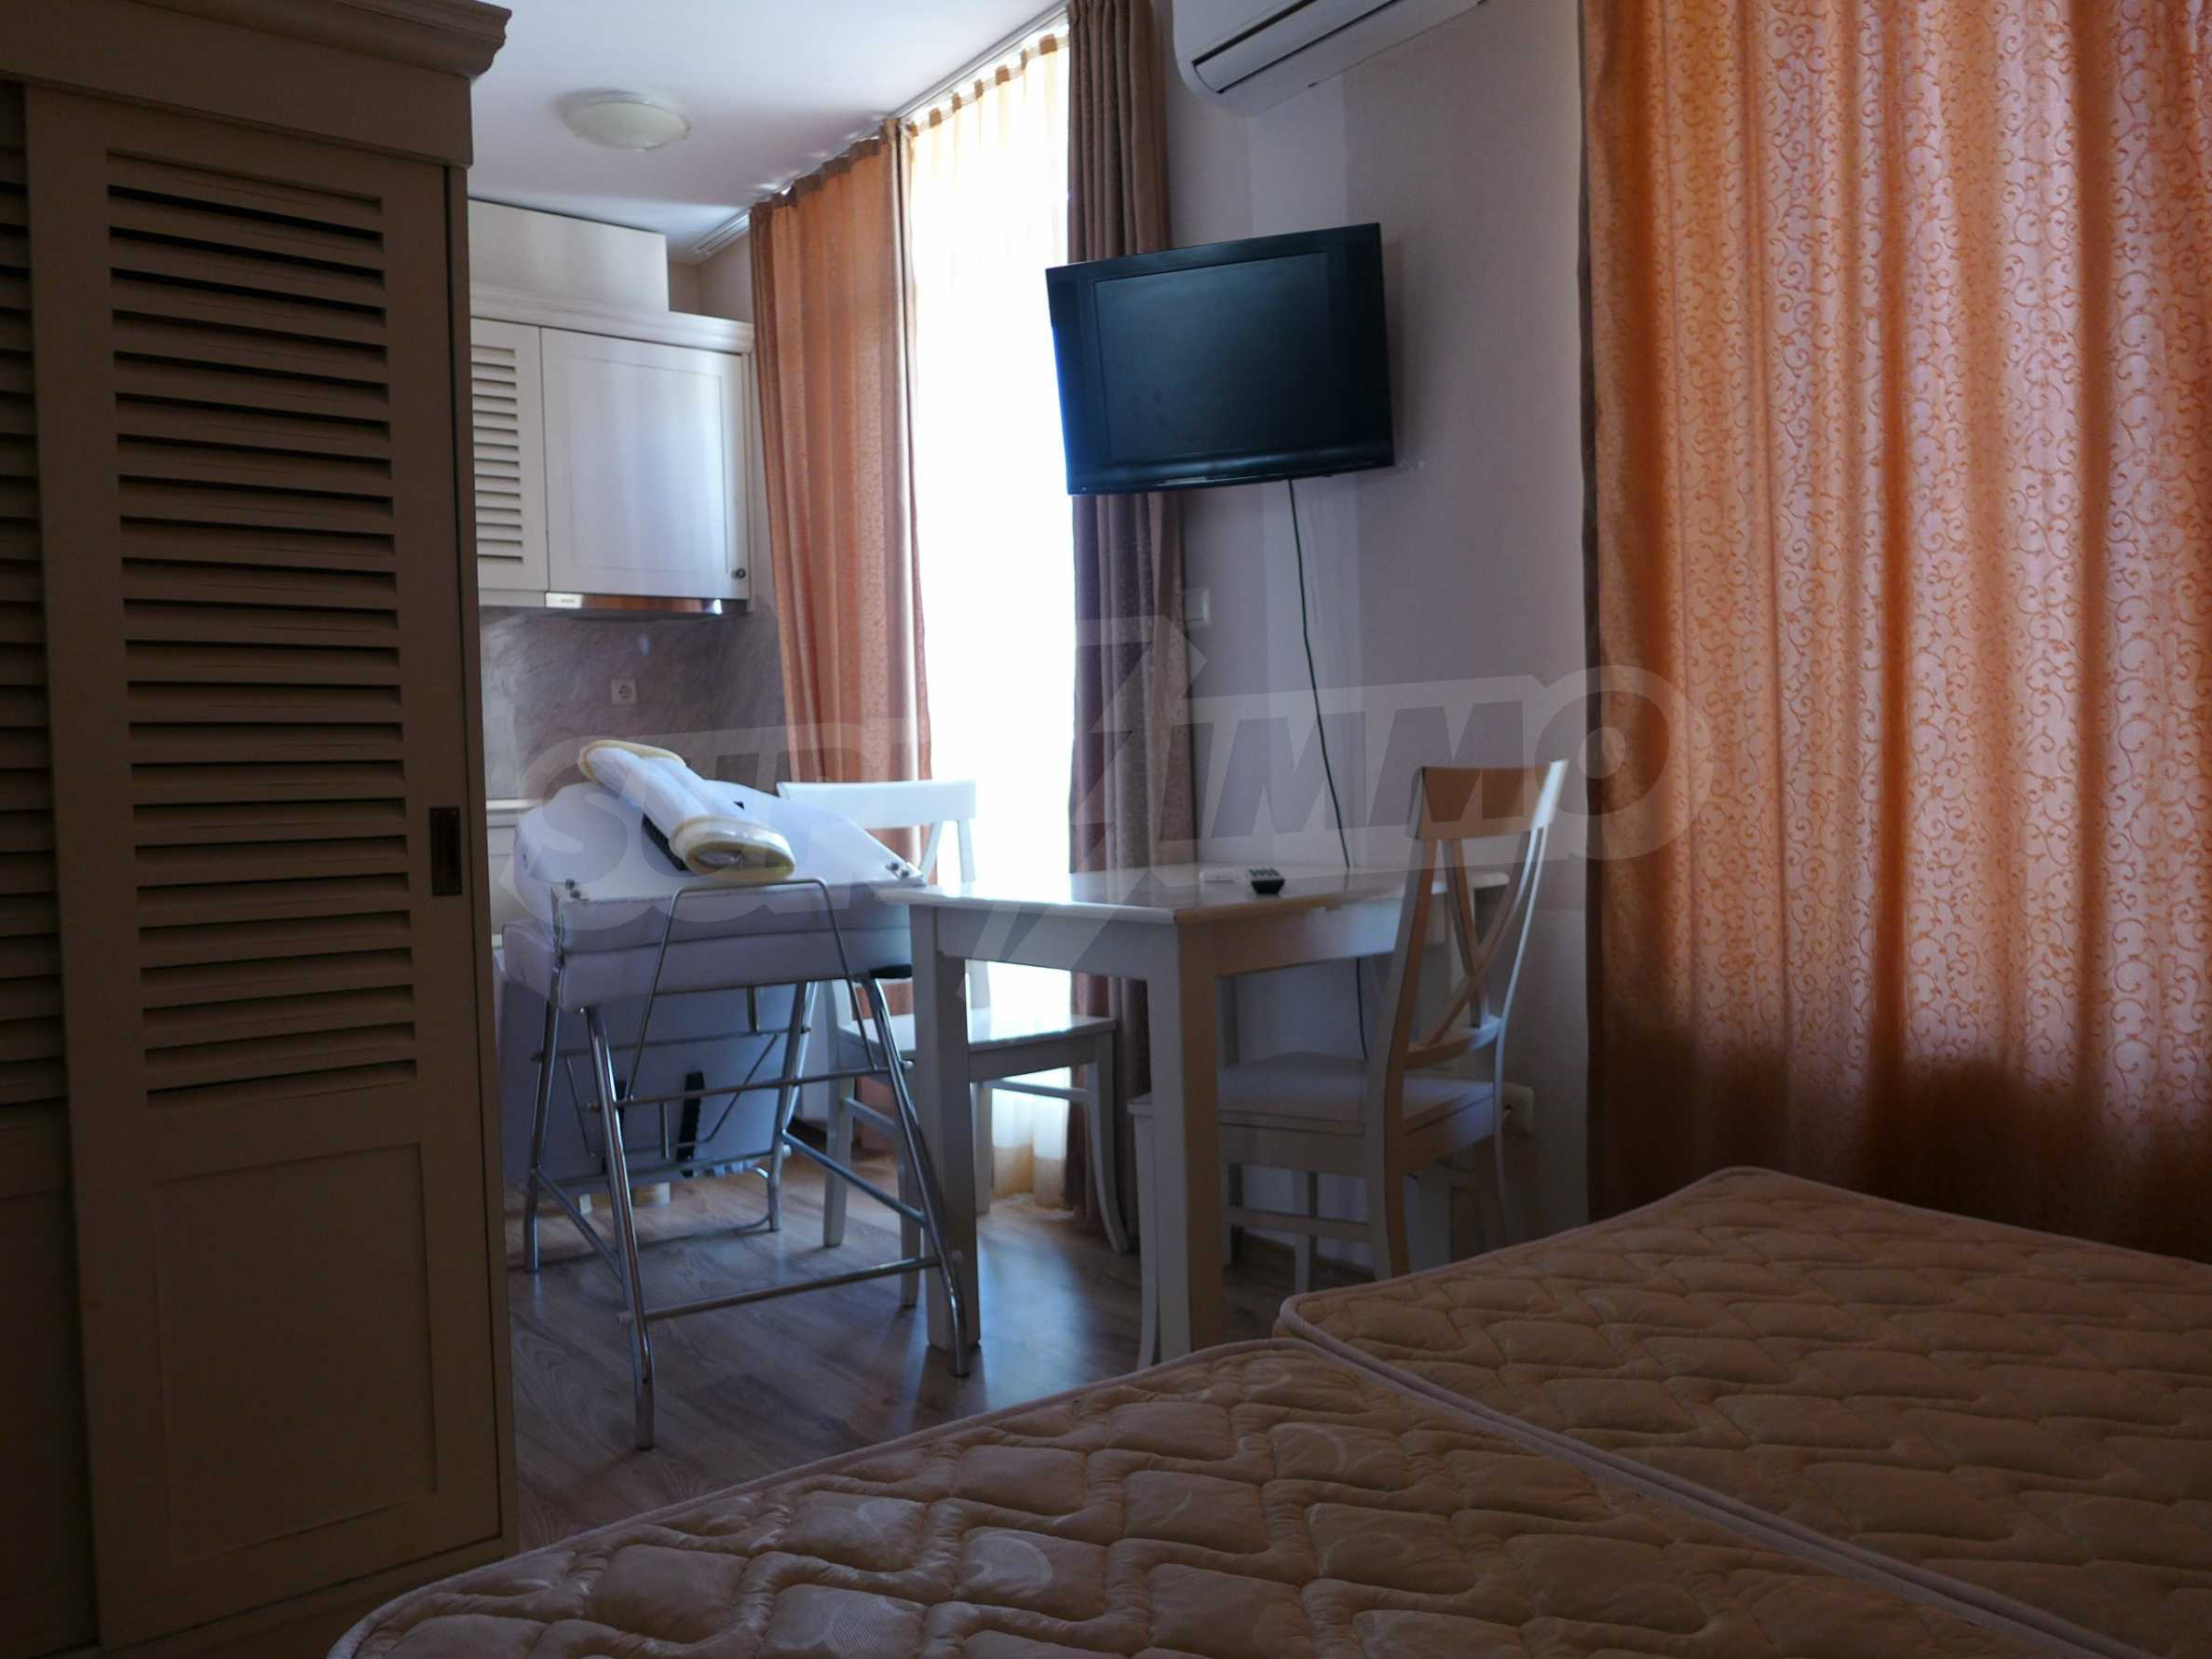 Komfortable Wohnung in Dawn Park mit Annehmlichkeiten 3